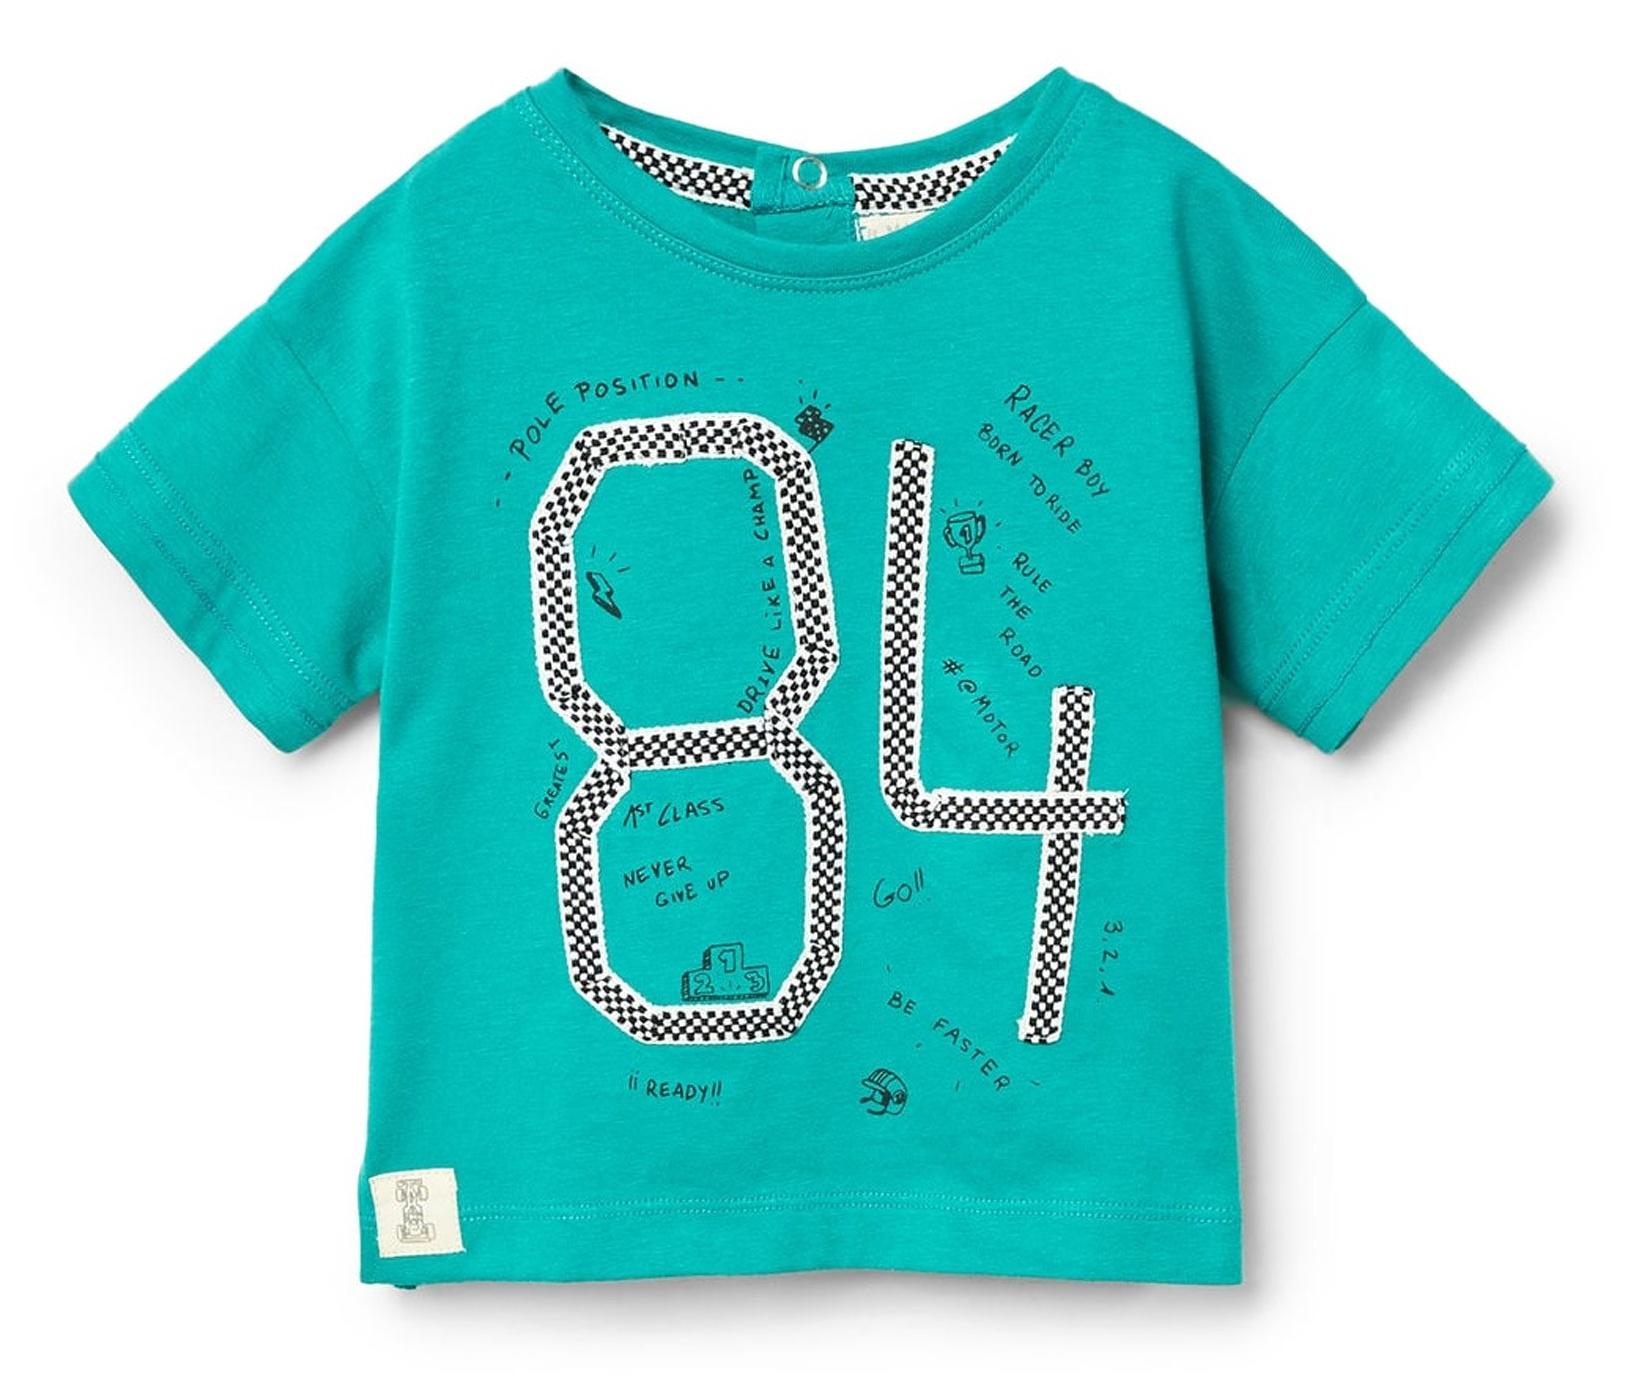 تی شرت نخی ساده نوزادی پسرانه - مانگو - سبز آبي - 1